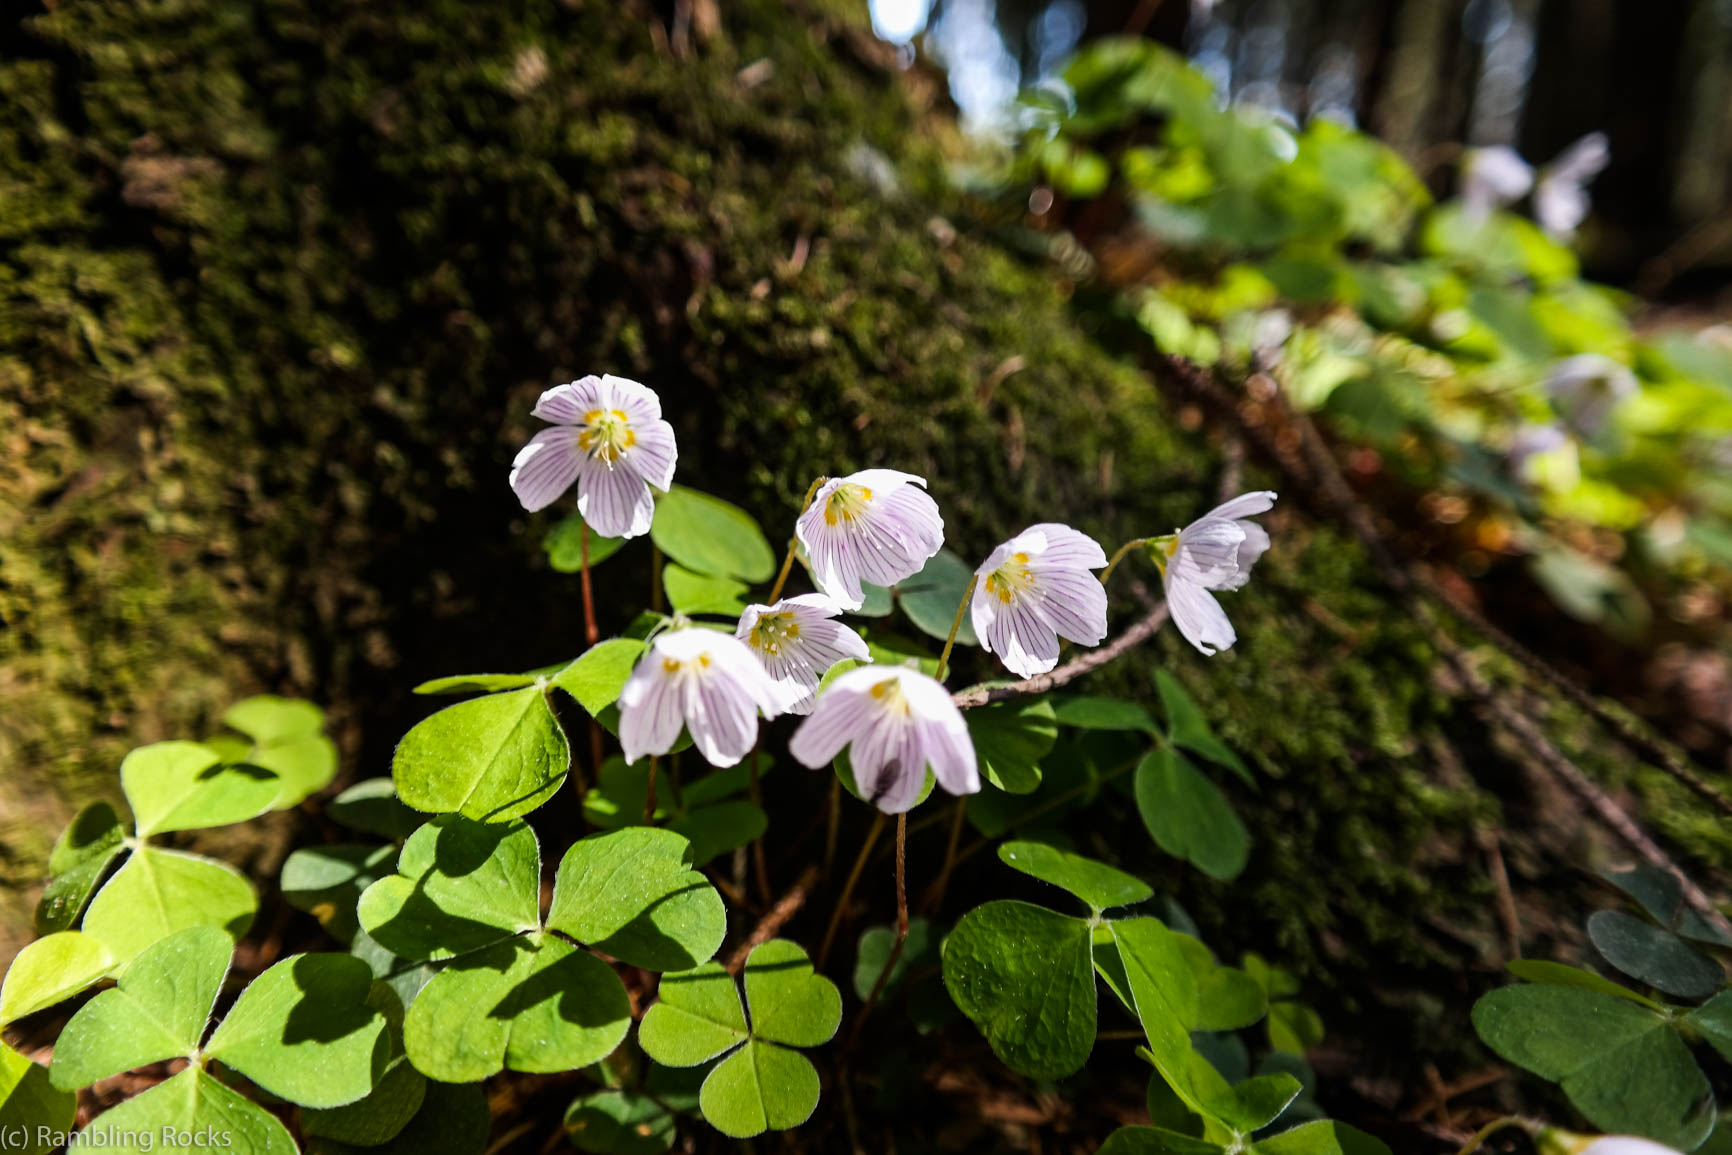 Vierblättriger Waldsauerklee mit weißen Blüten